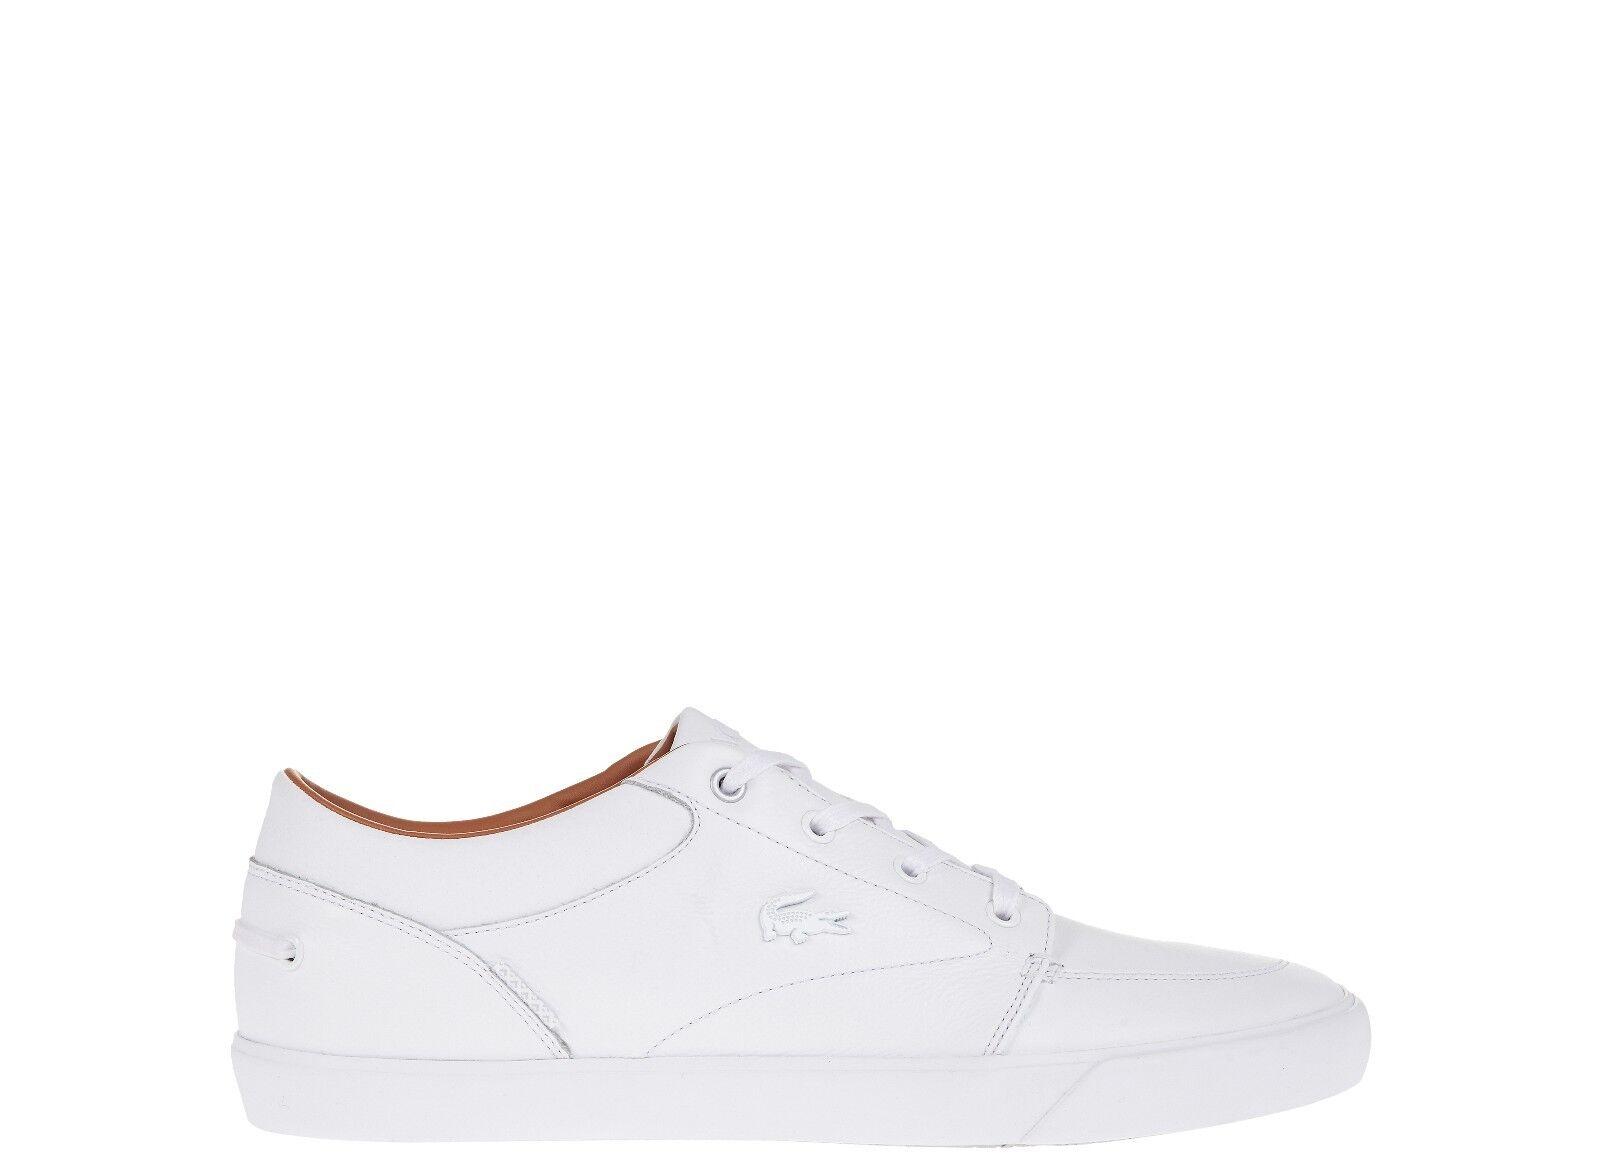 Lacoste Herren Schuhe Bayliss VULC in weiß